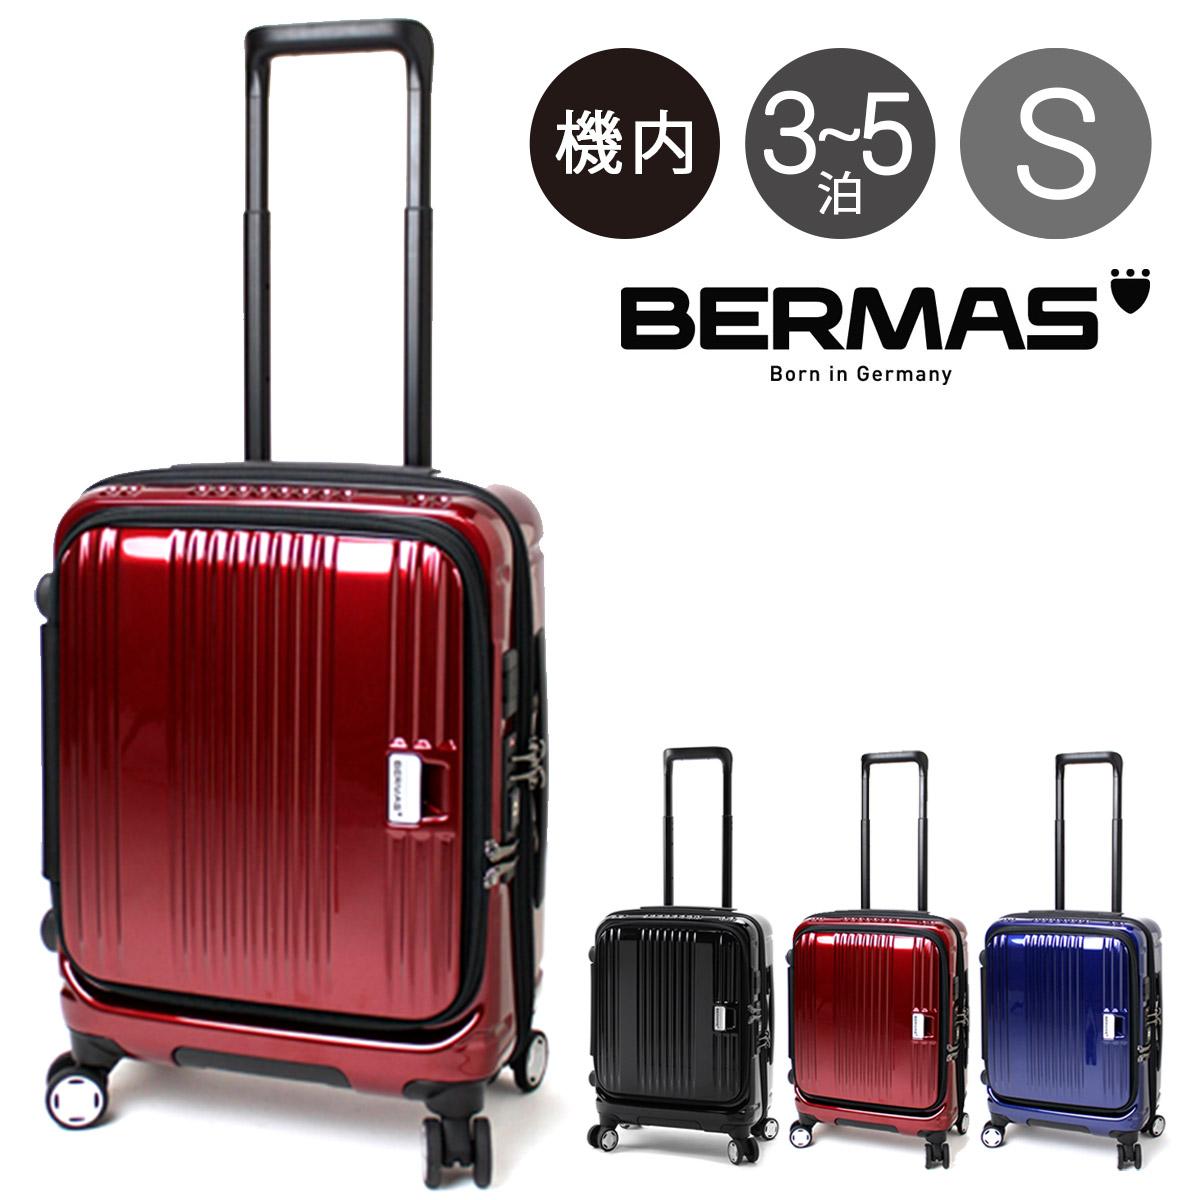 バーマス スーツケース ユーロシティ|機内持ち込み 38L 46cm 2.8kg 60290|フロントオープン 1年保証 ハード フレーム TSAロック搭載 HINOMOTO [PO10][bef]